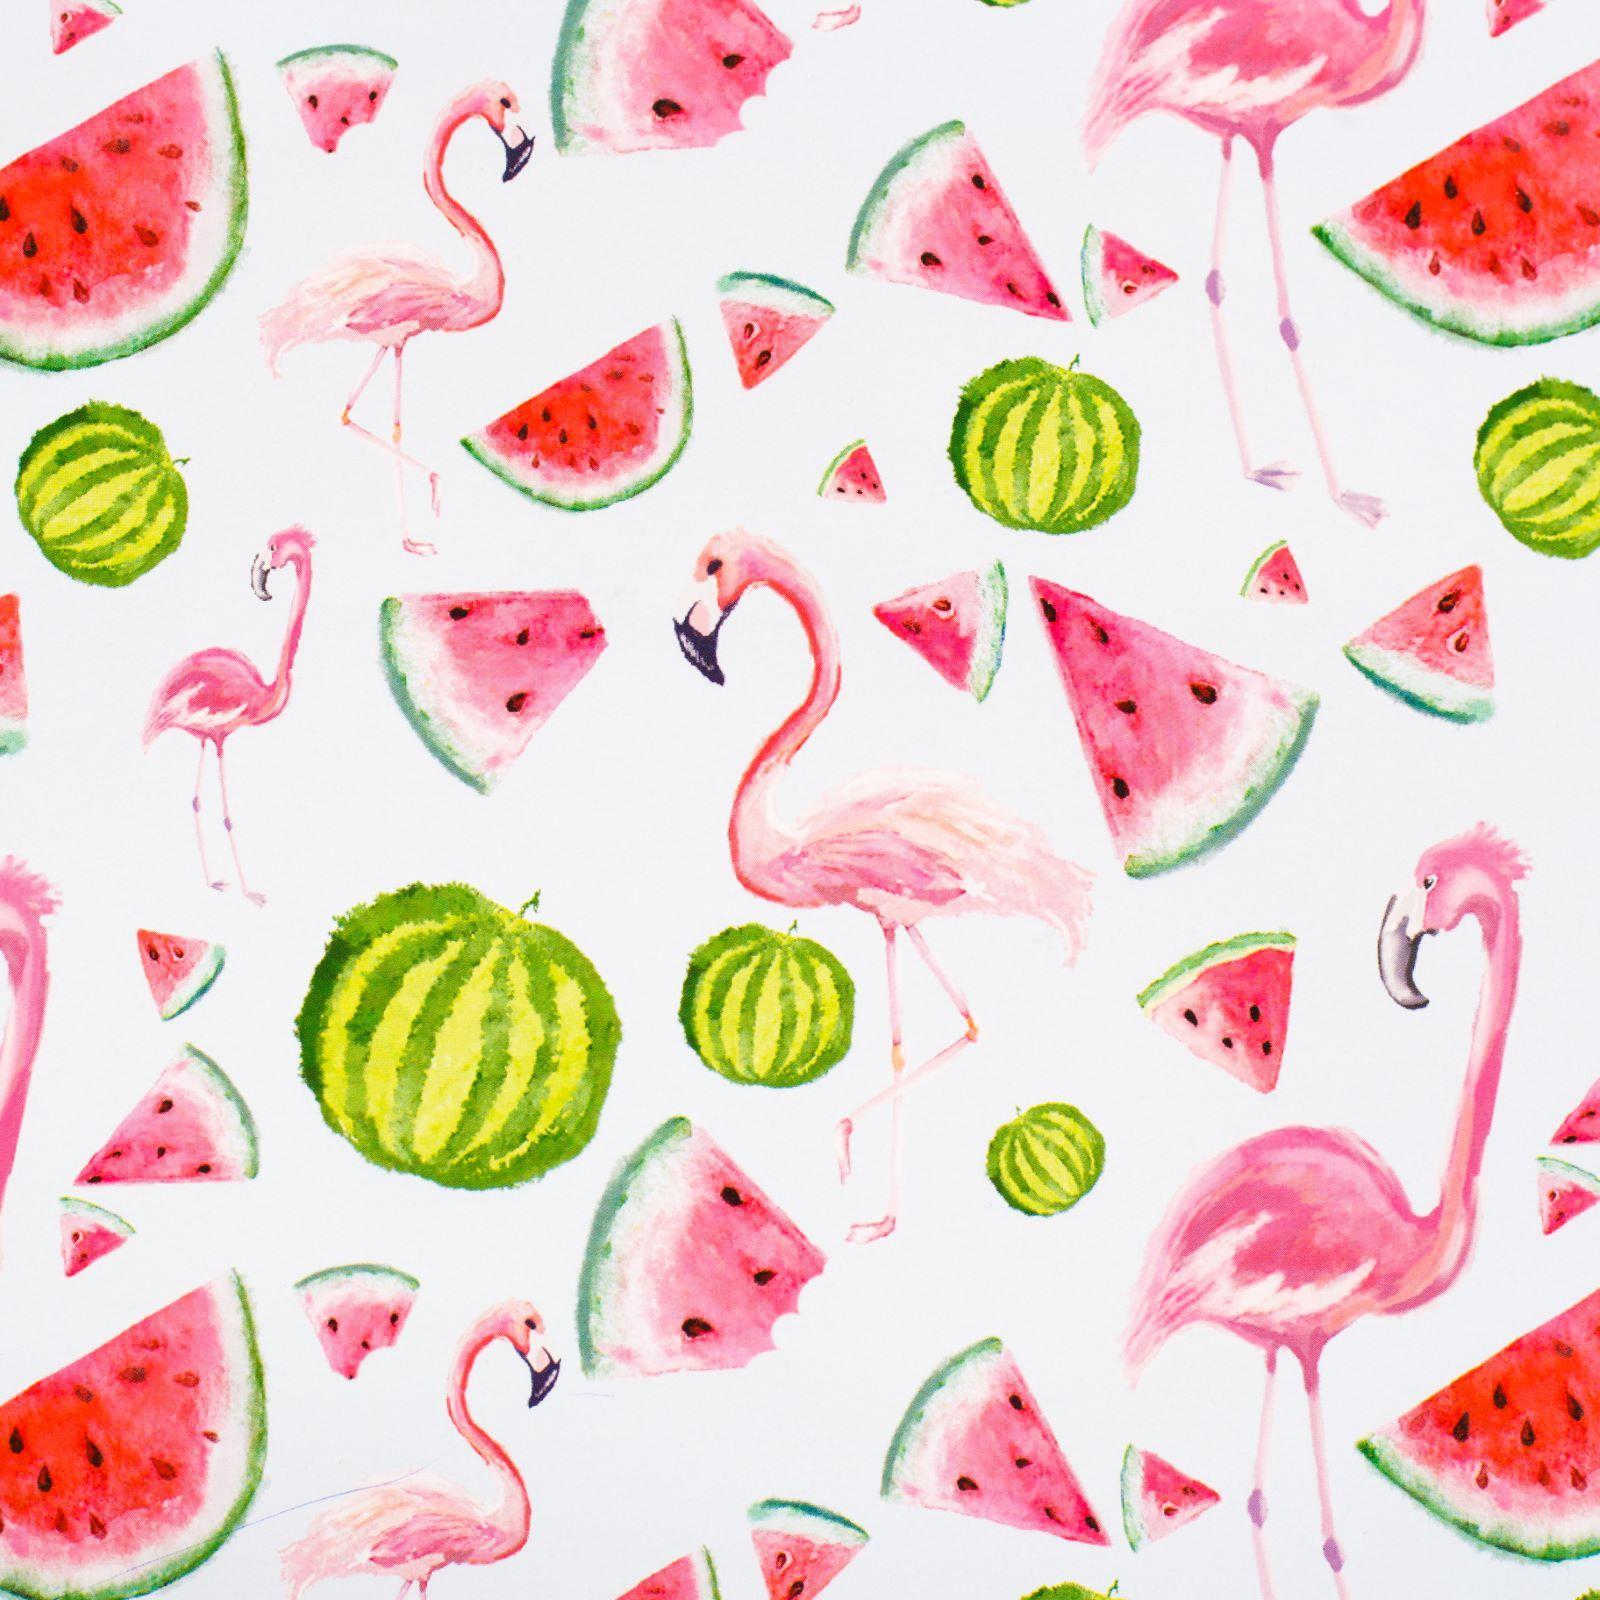 Бумага упаковочная Дарите счастье Розовый фламинго, глянцевая, 70 х 100 см бумага упаковочная дарите счастье золотые шары глянцевая 70 х 100 см 2739451